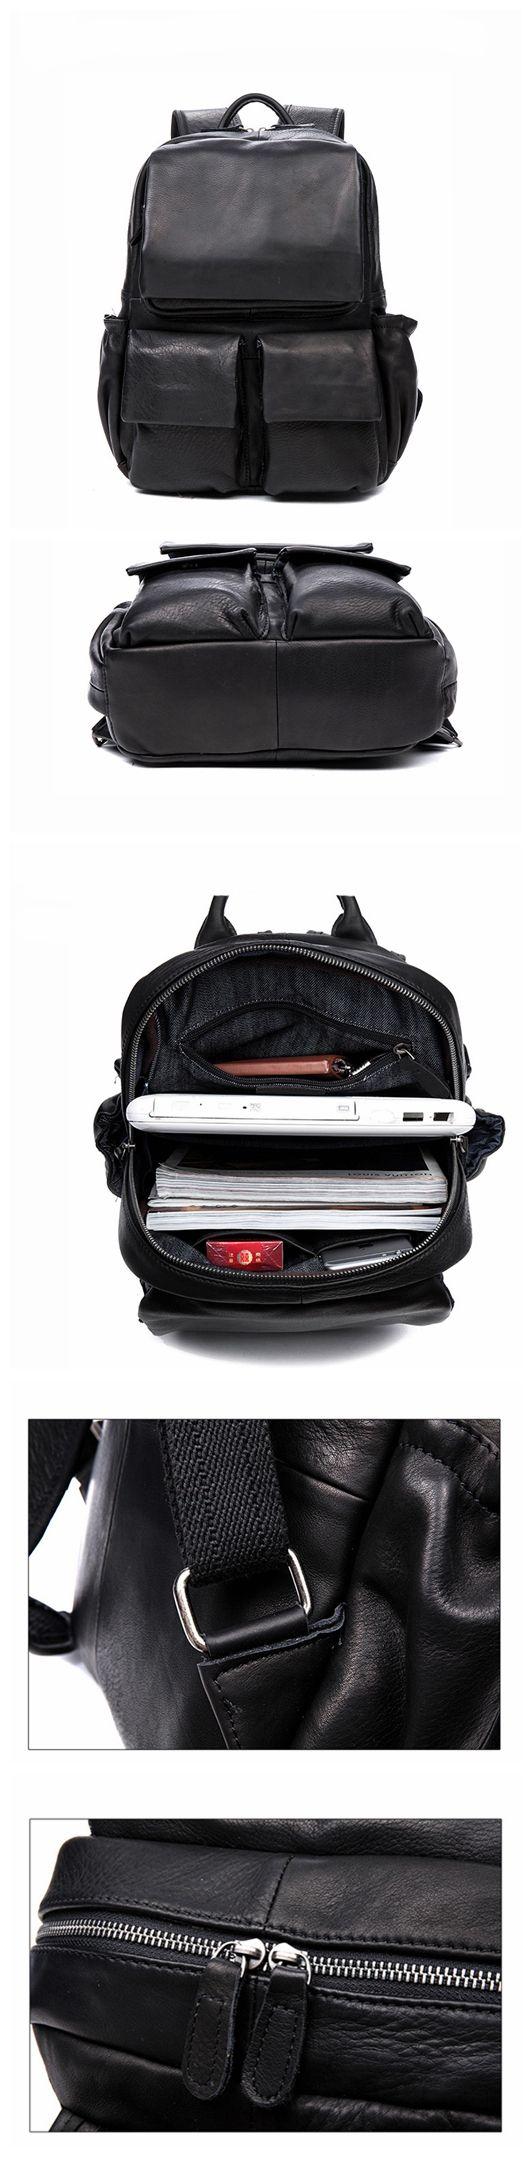 Vintage Leather Backpack College Backpack School Backpack Leather Backpacks, Leather Bags, Vintage Leather Backpack, Vintage Backpacks, Gq Style, Leather Dresses, Designer Backpacks, Men's Backpack, Hammocks